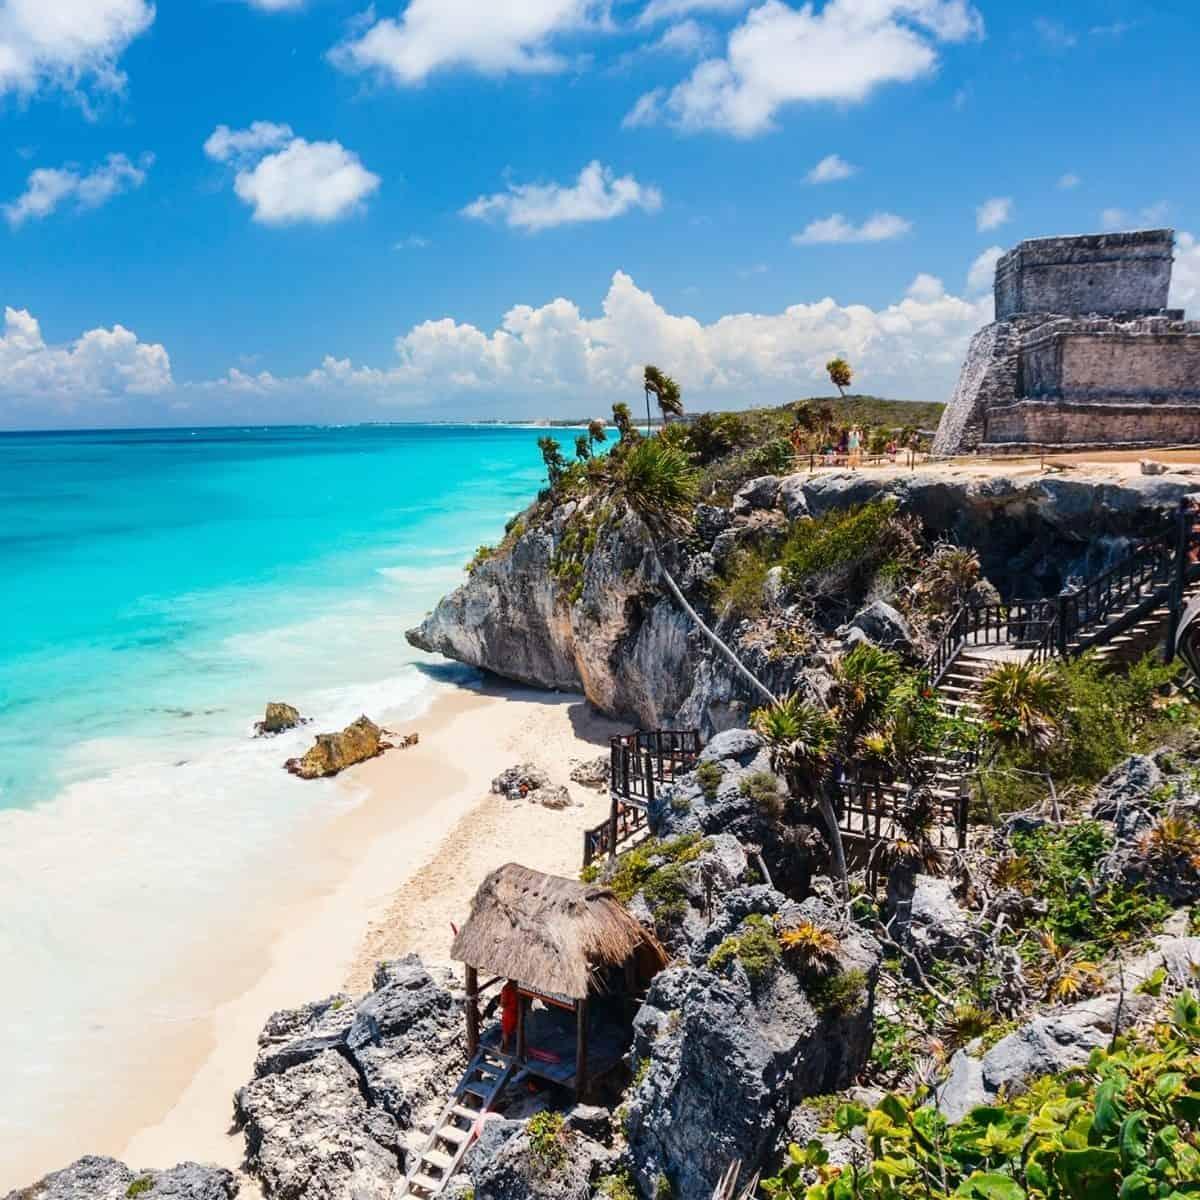 Cancun O Riviera Maya Planesturisticos.com - Cancún O Riviera Maya: Desde 4 Días | Con Vuelos Bogotá, Medellín, Cali | 2021 - 2022